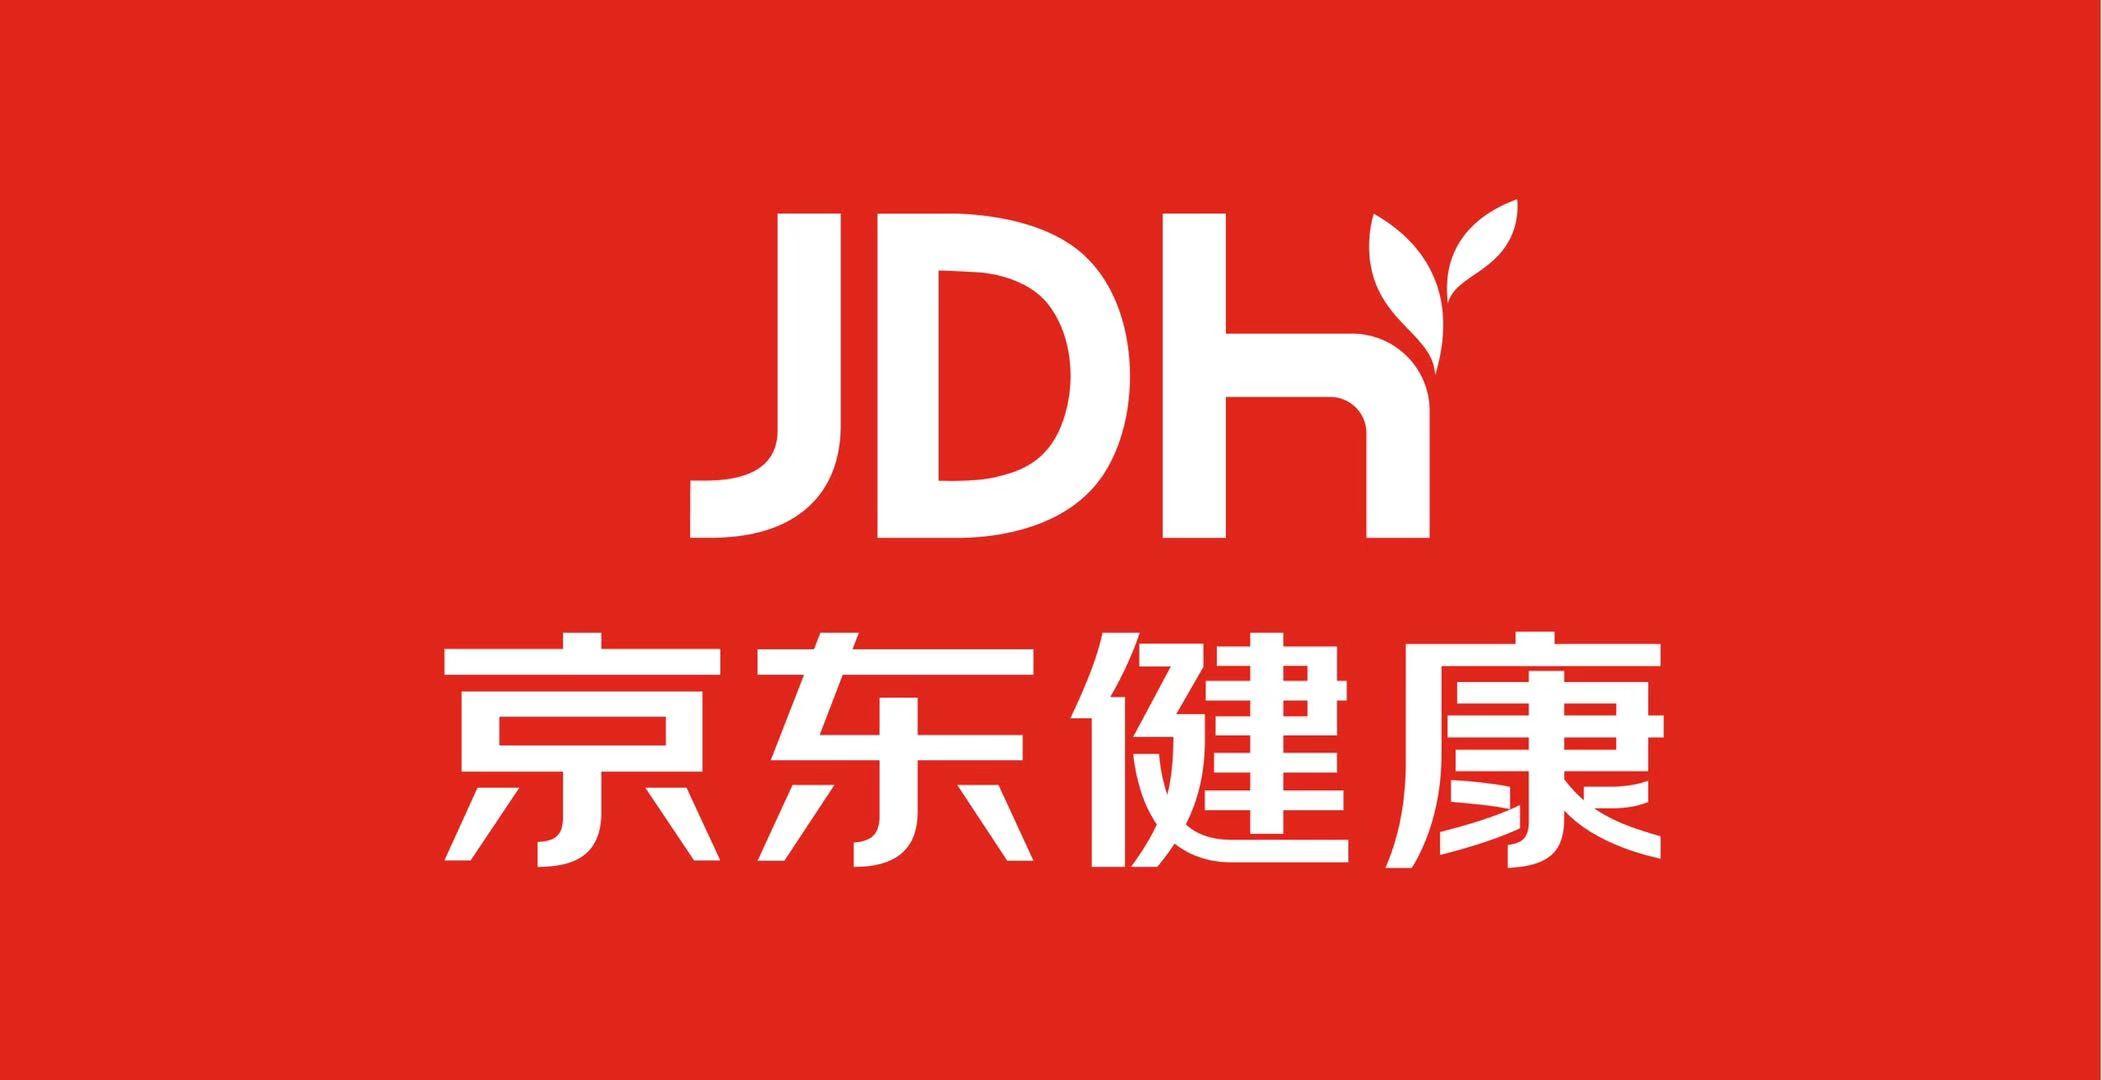 京东健康已获准在港上市 今年前九个月收入同比增长77.1%